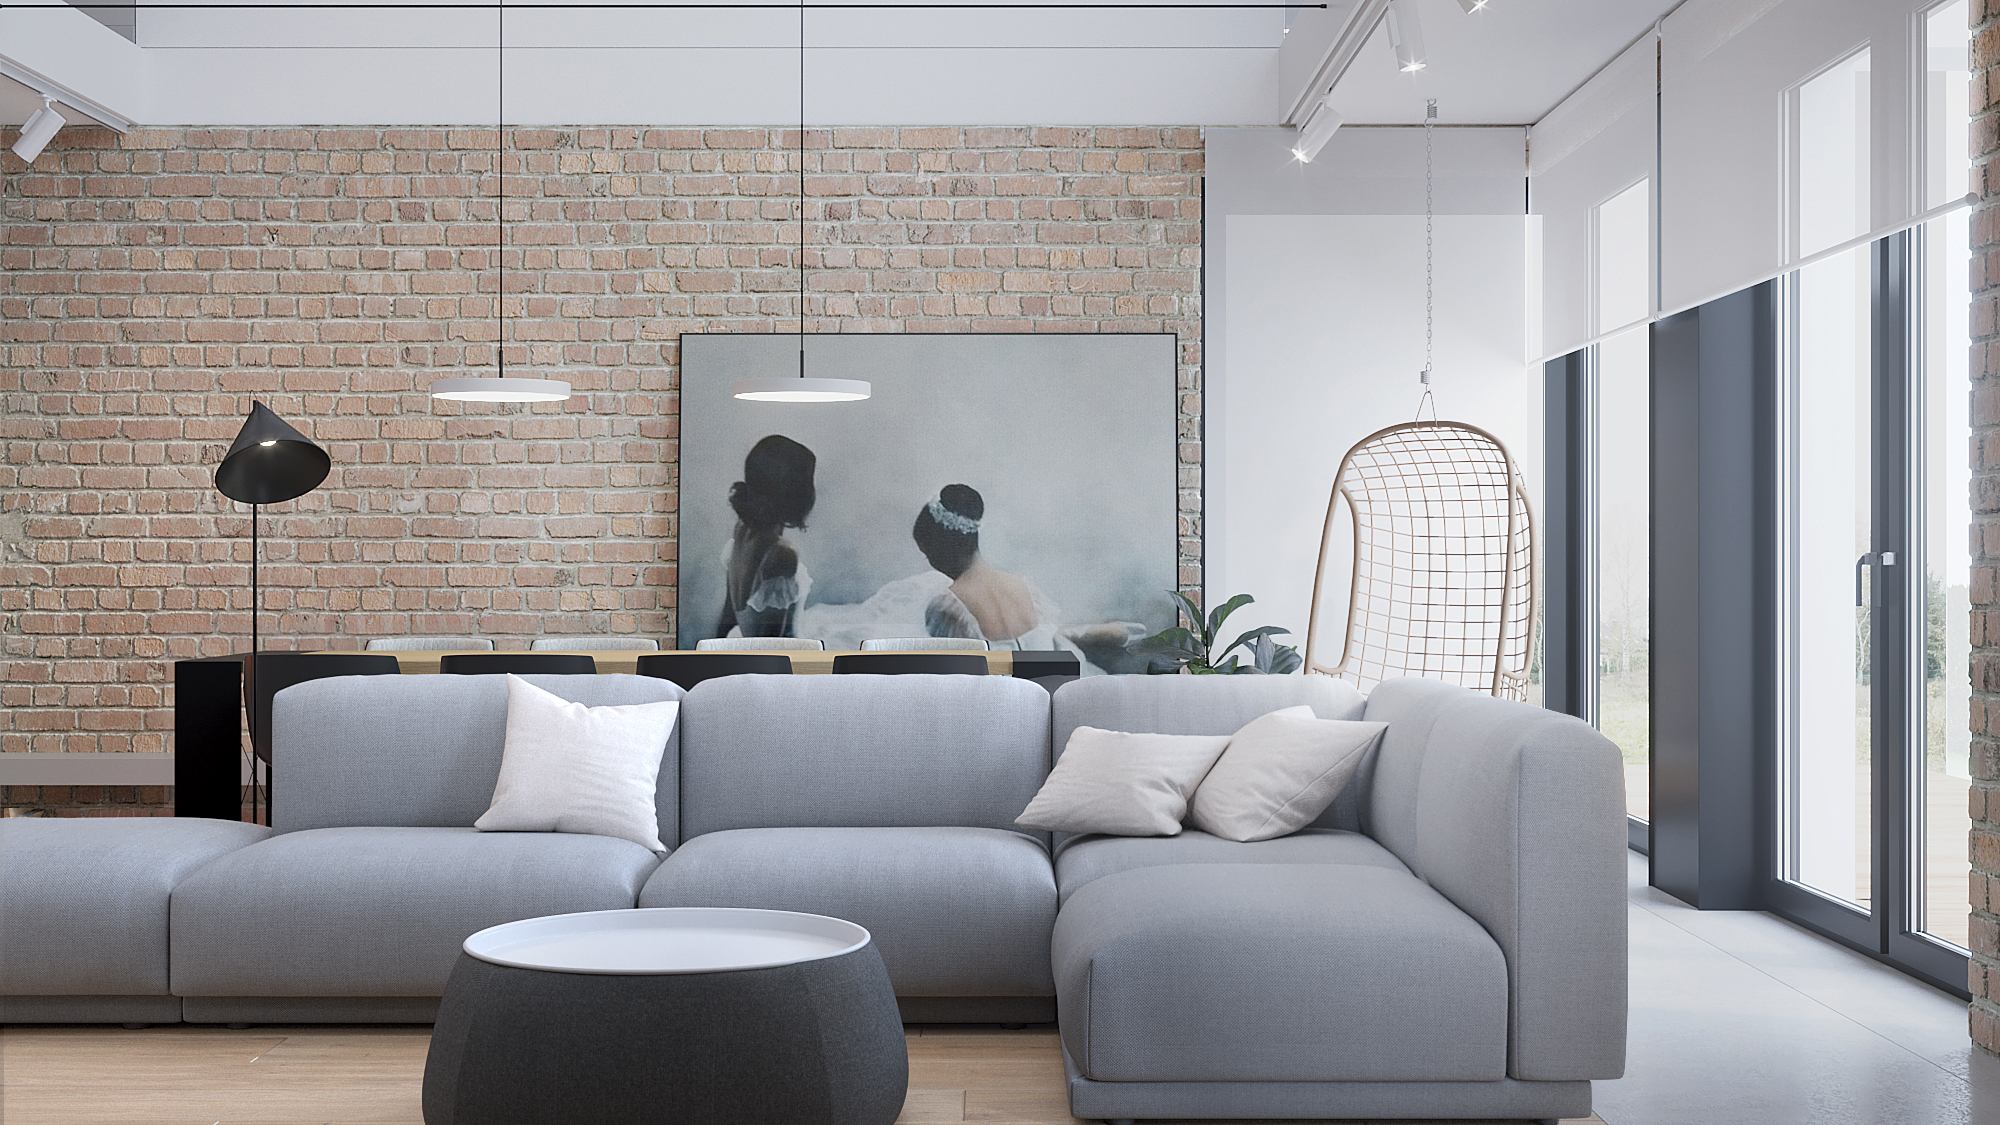 1 architekt wnetrz D428 dom Ruda Slaska salon z jadalnia szara sofa cegla na scianie wiszacy fotel